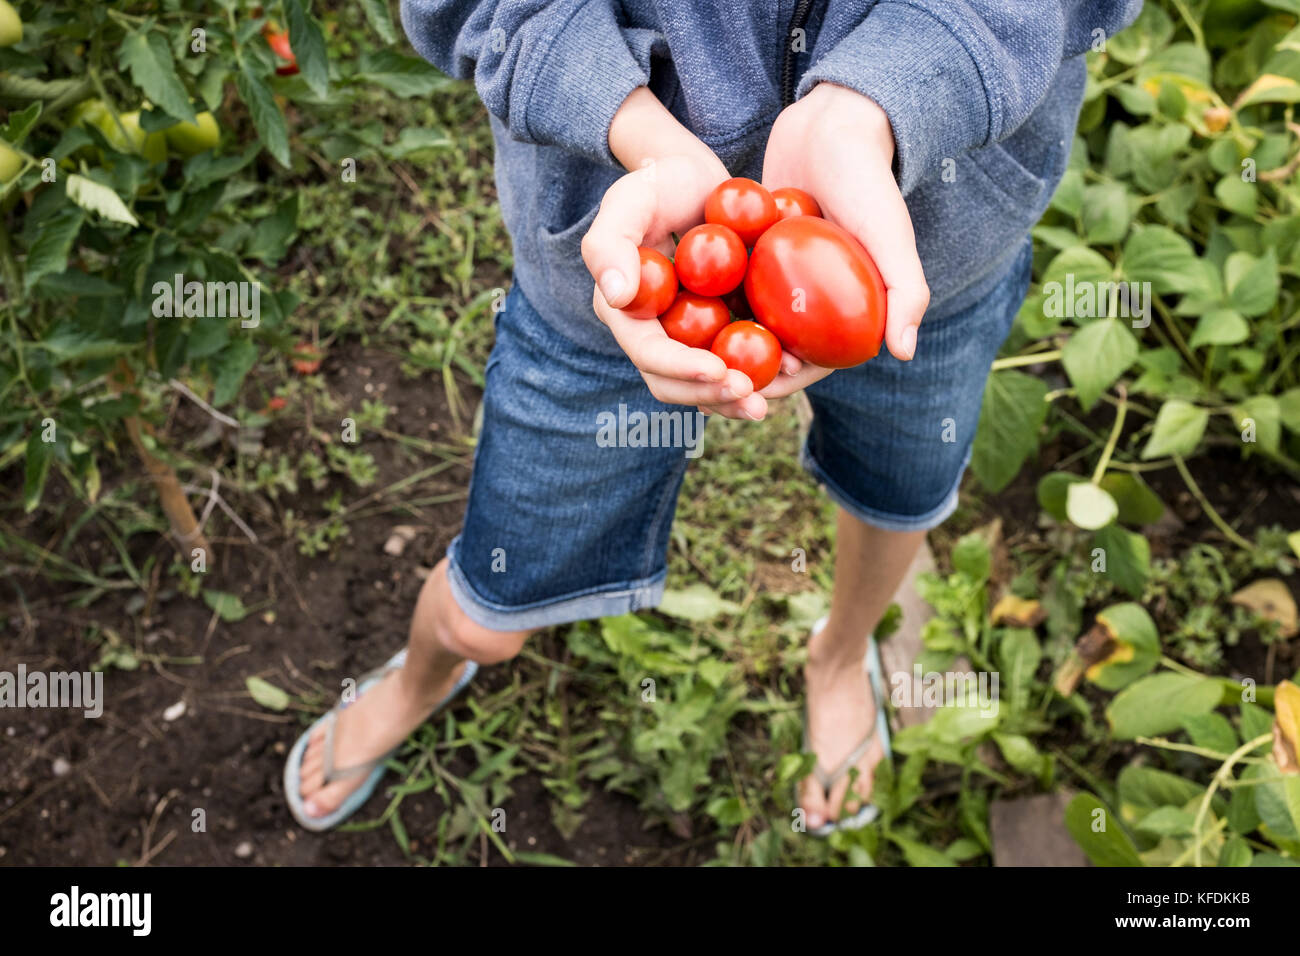 Une jeune fille prend les tomates biologiques de sa maison jardin à bischeim, France. Photo Stock